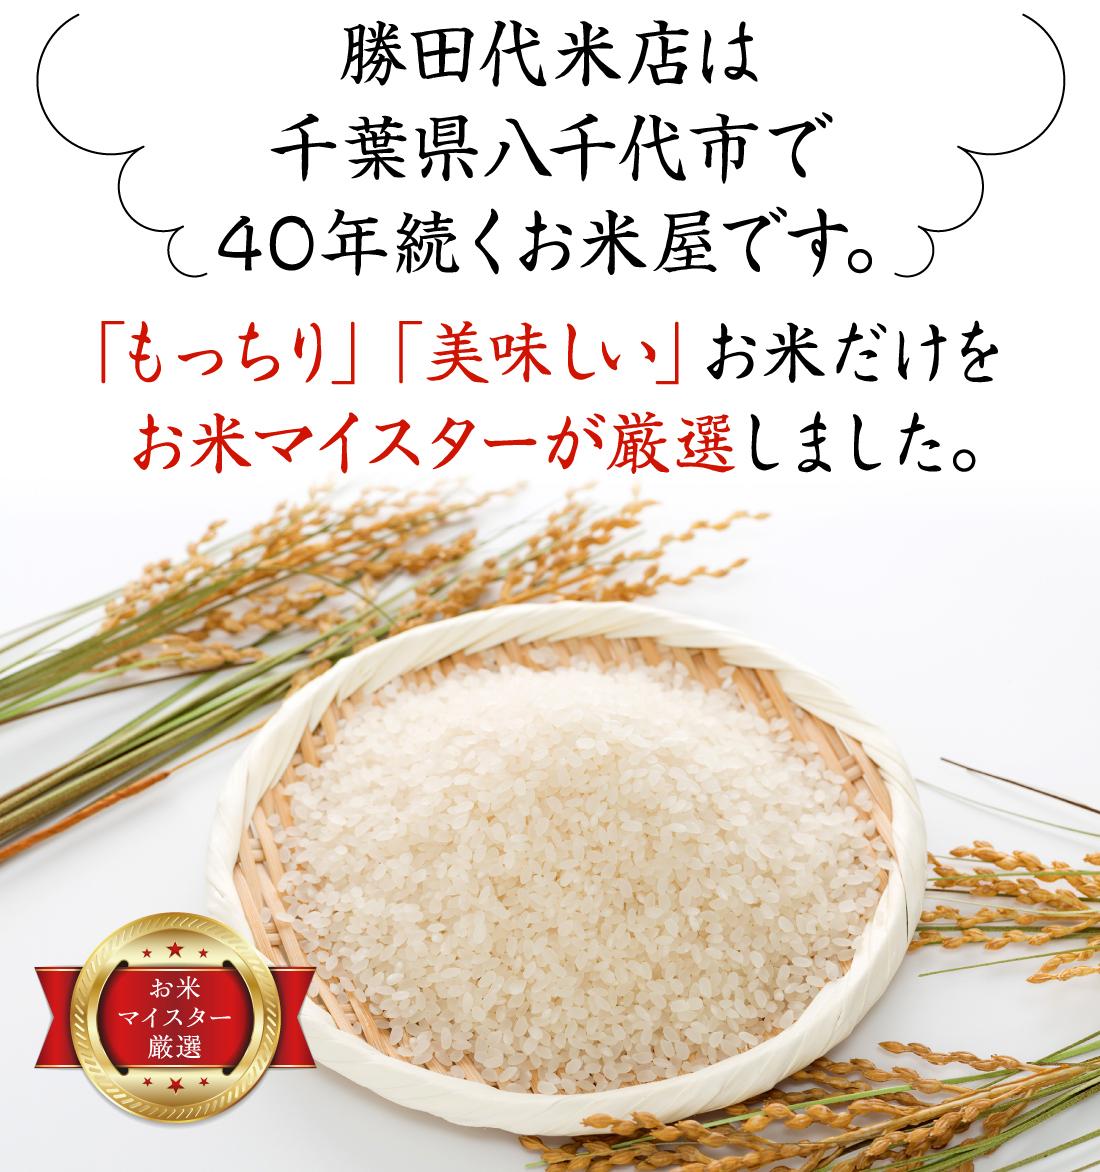 勝田台米店は千葉県八千代市で40年続くお米屋です。